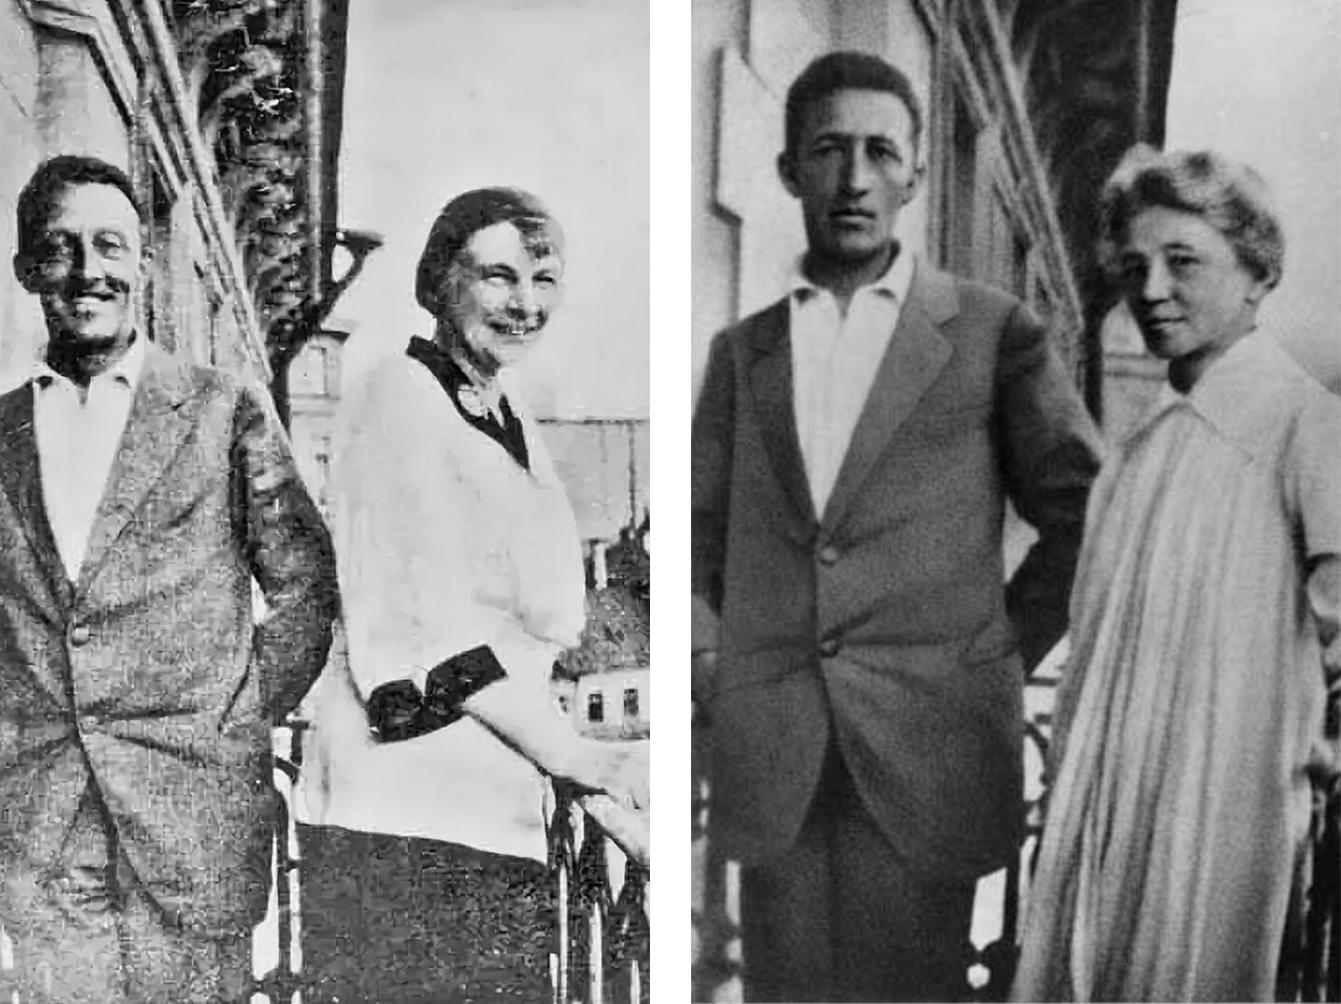 Слева - А. Блок с женой. Справа - А. Блок с матерью. На балконе своего дома в Петрограде, 1919 год